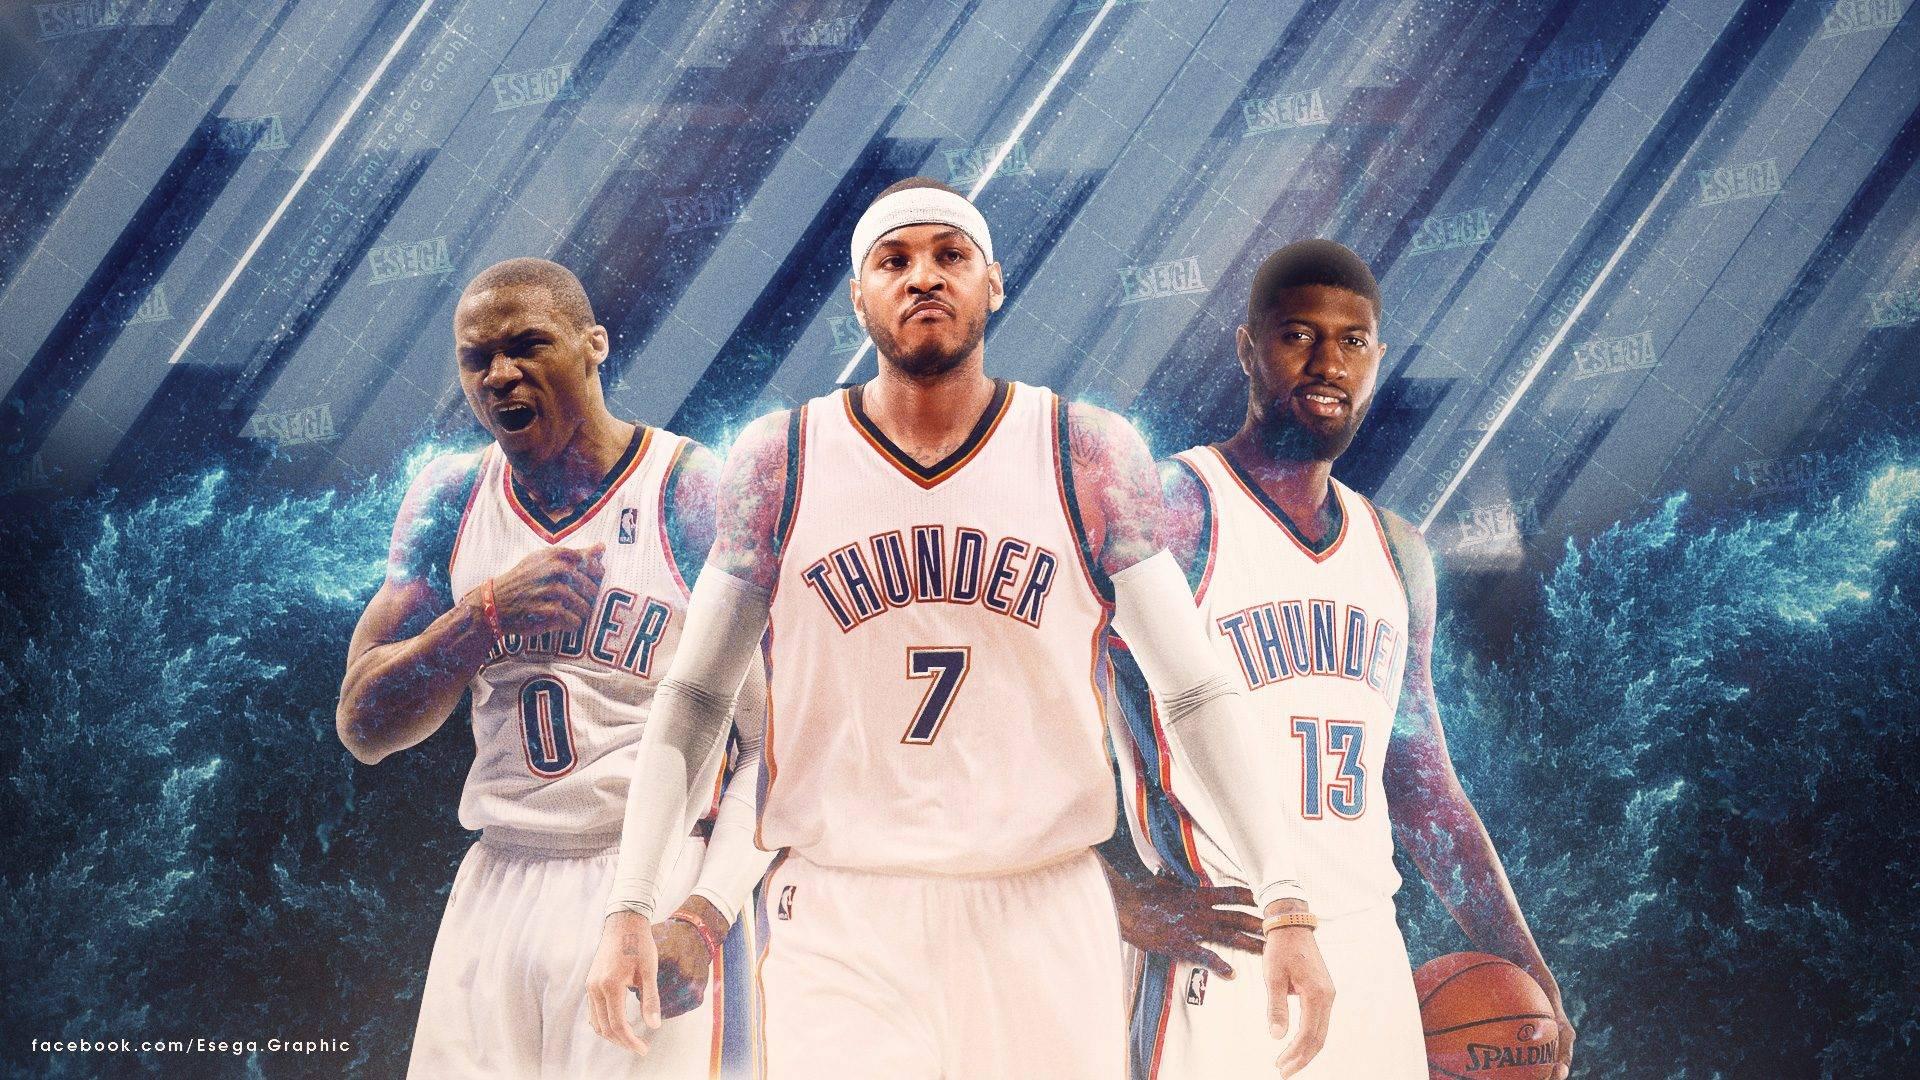 Ponturi NBA – Vlad mizeaza 350 RON pe victoria celor de la Oklahoma City Thunder